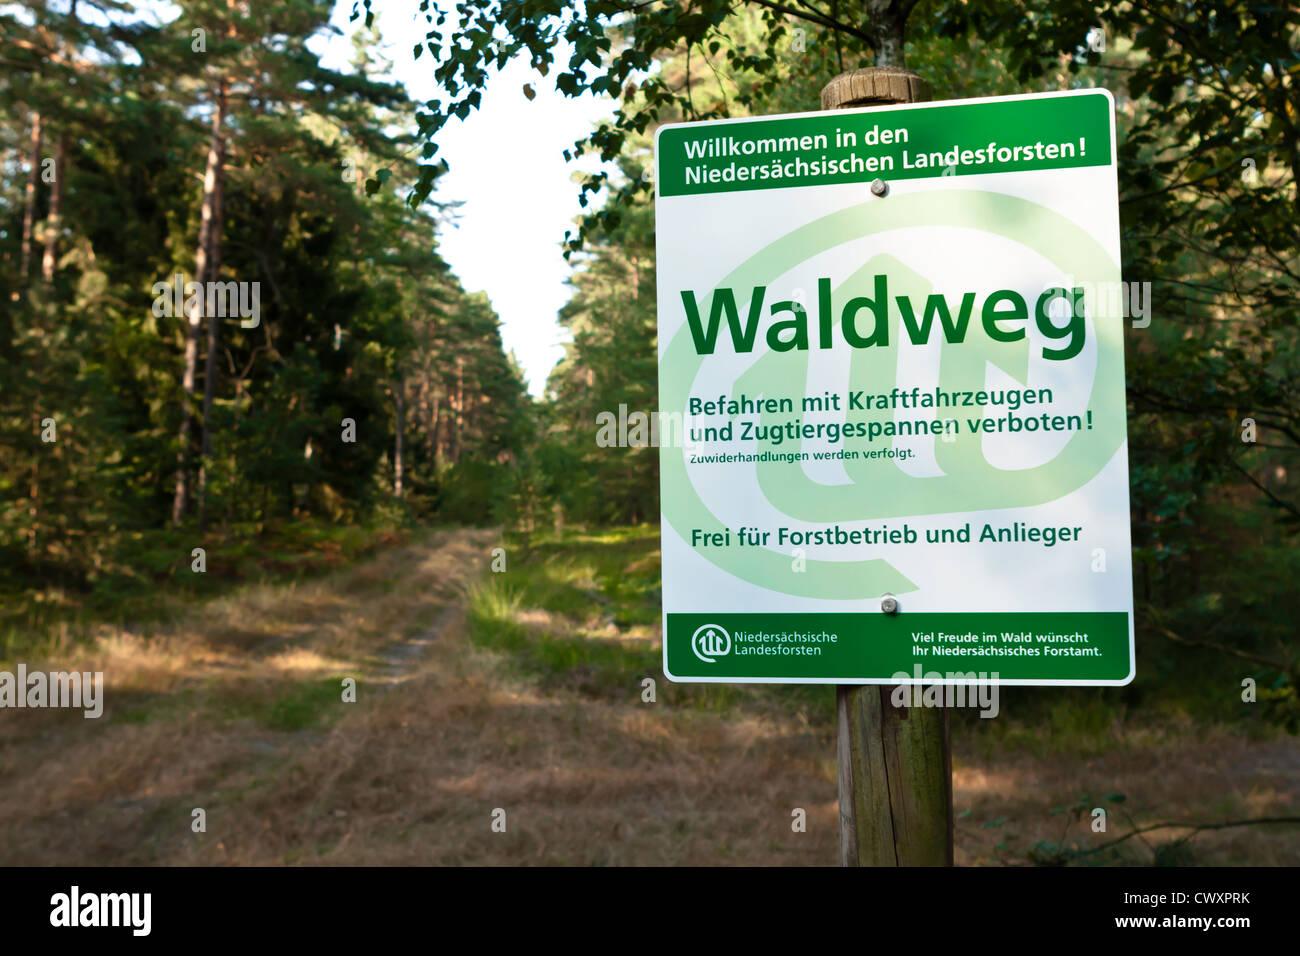 Waldweg in Niedersachsen, Forstschild Stockbild